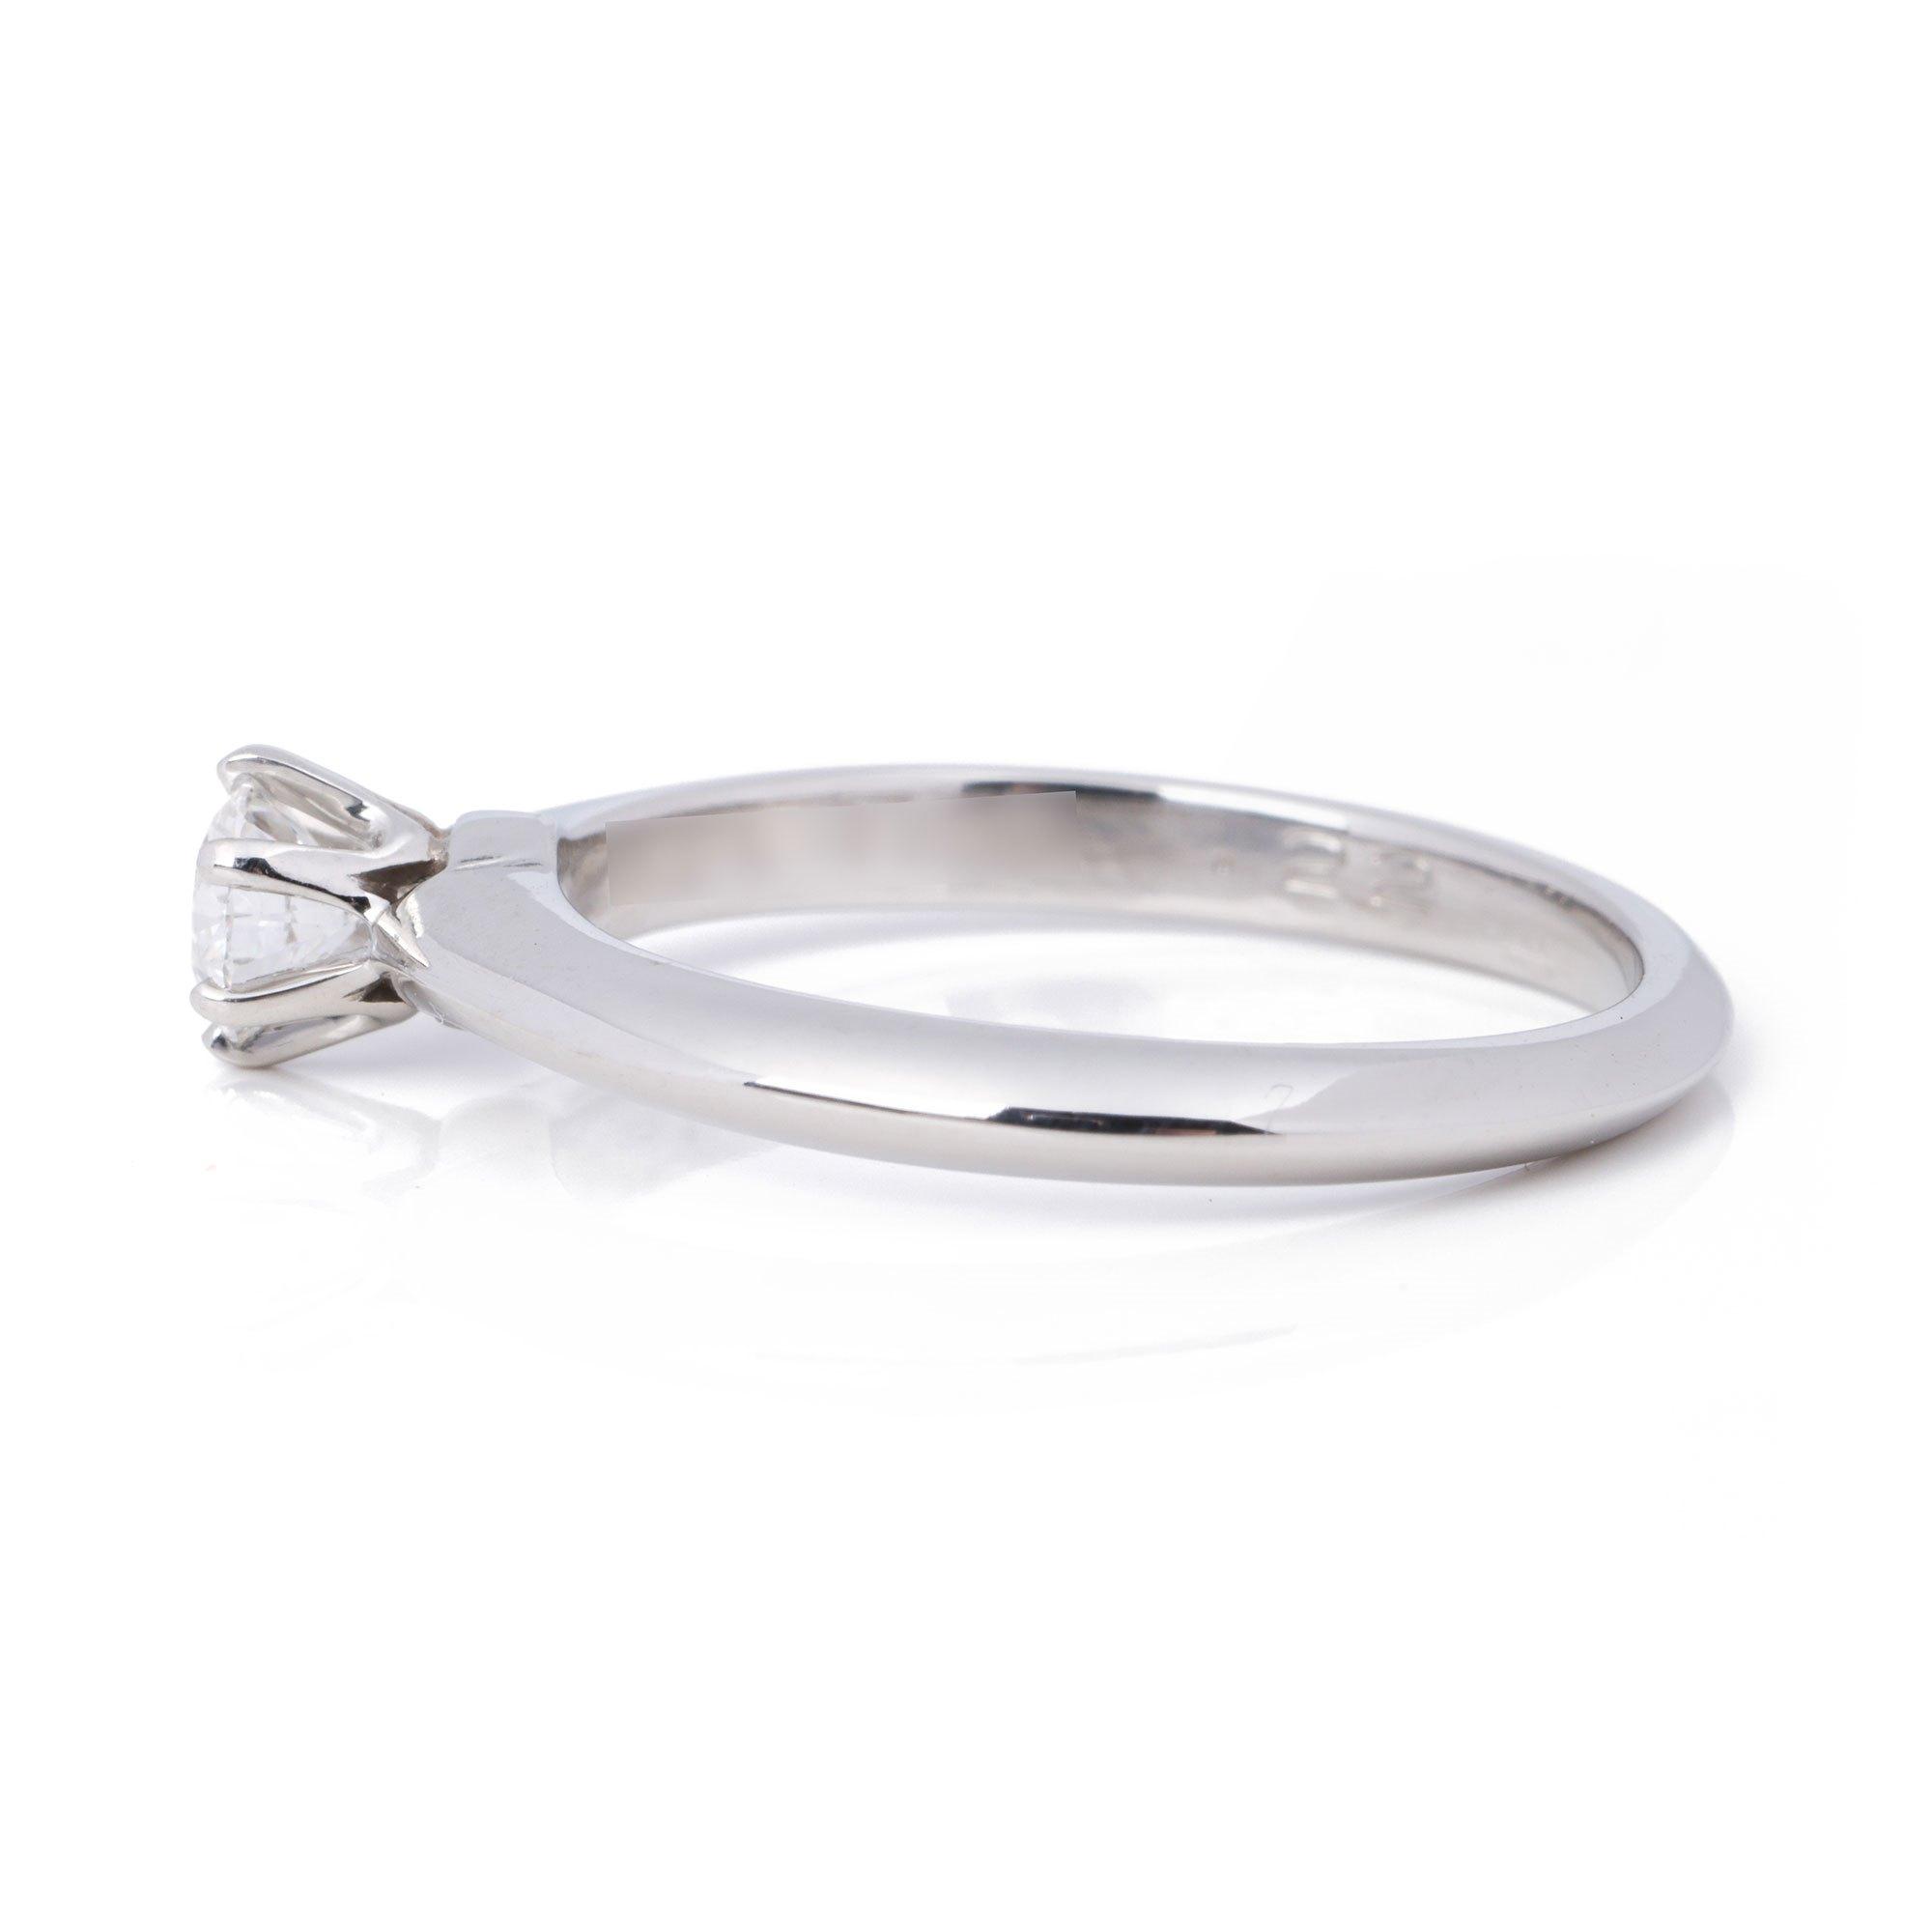 Tiffany & Co. Brilliant Cut 0.22ct Diamond Solitaire Ring